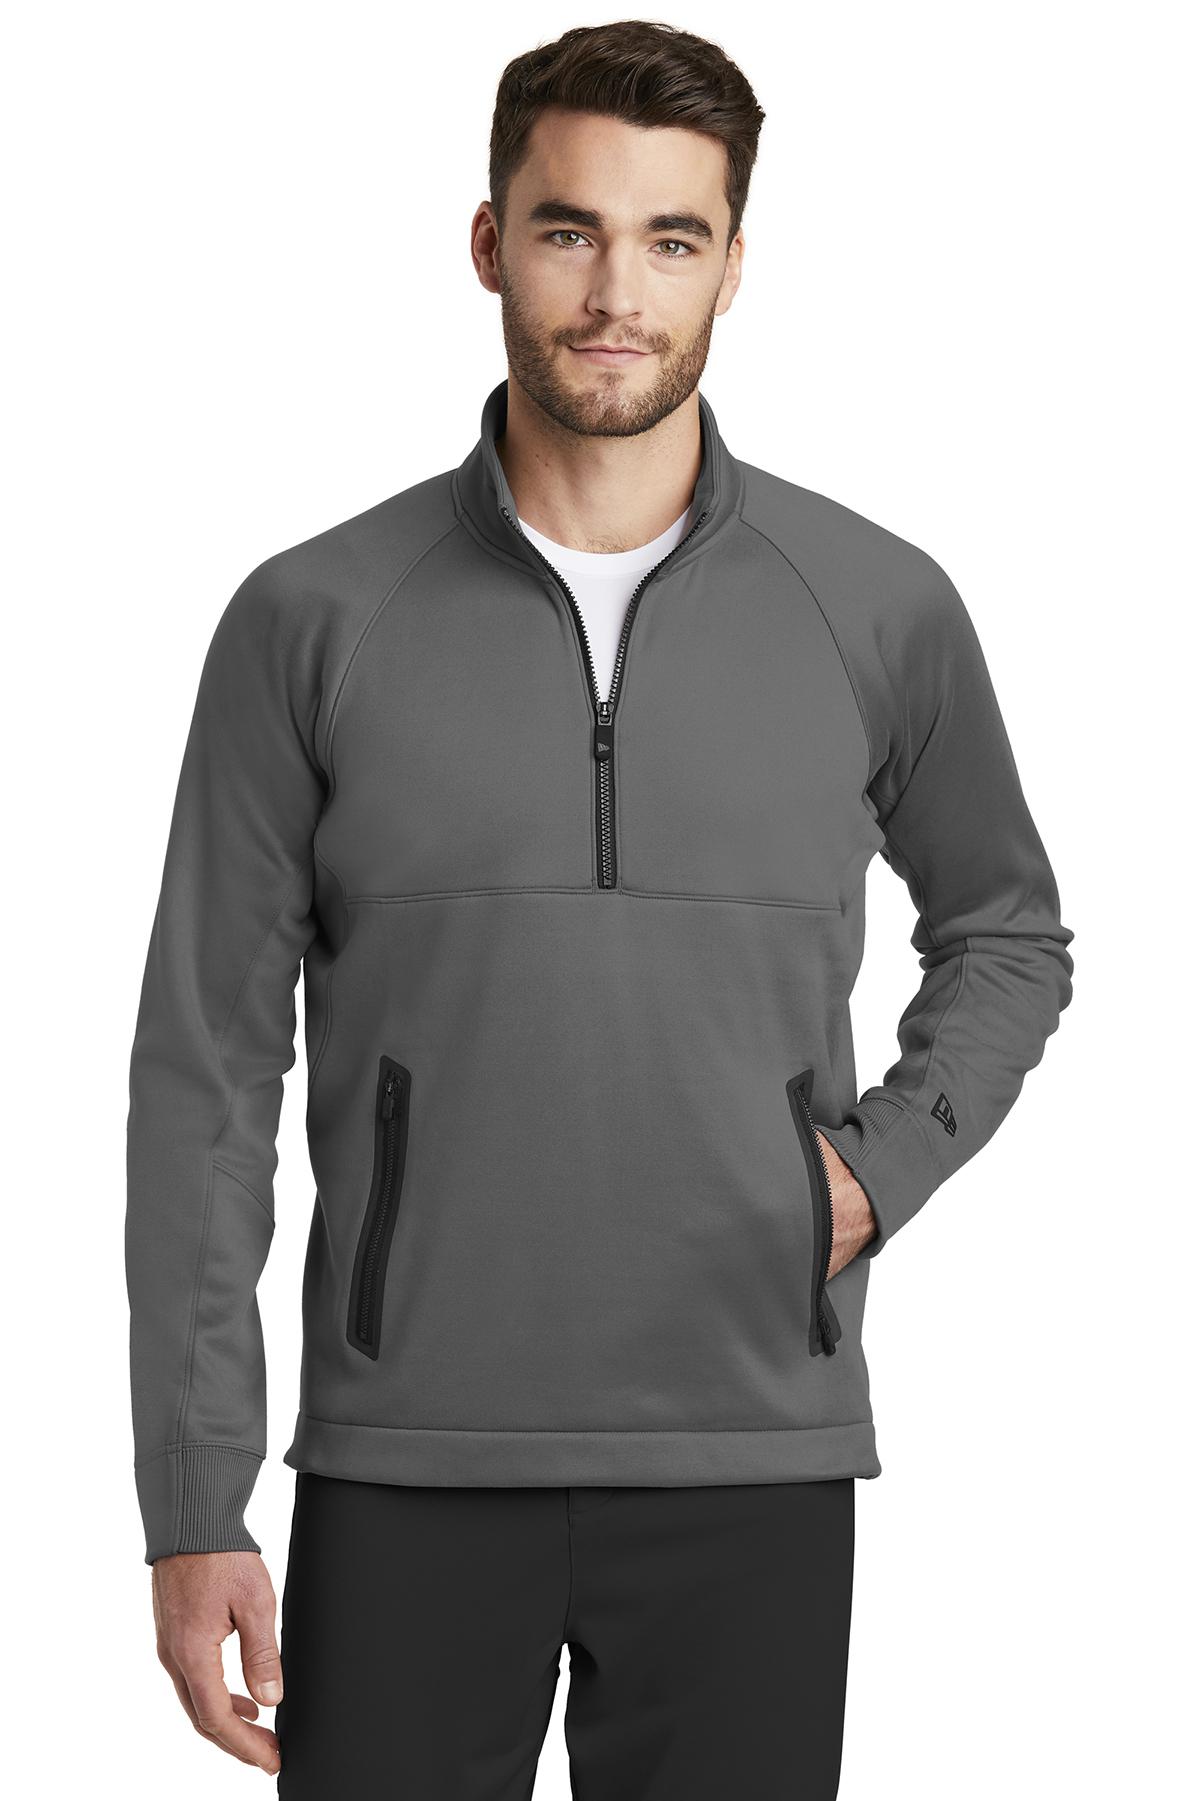 New Era NEA523 - Men's Venue Fleece 1/4-Zip Pullover